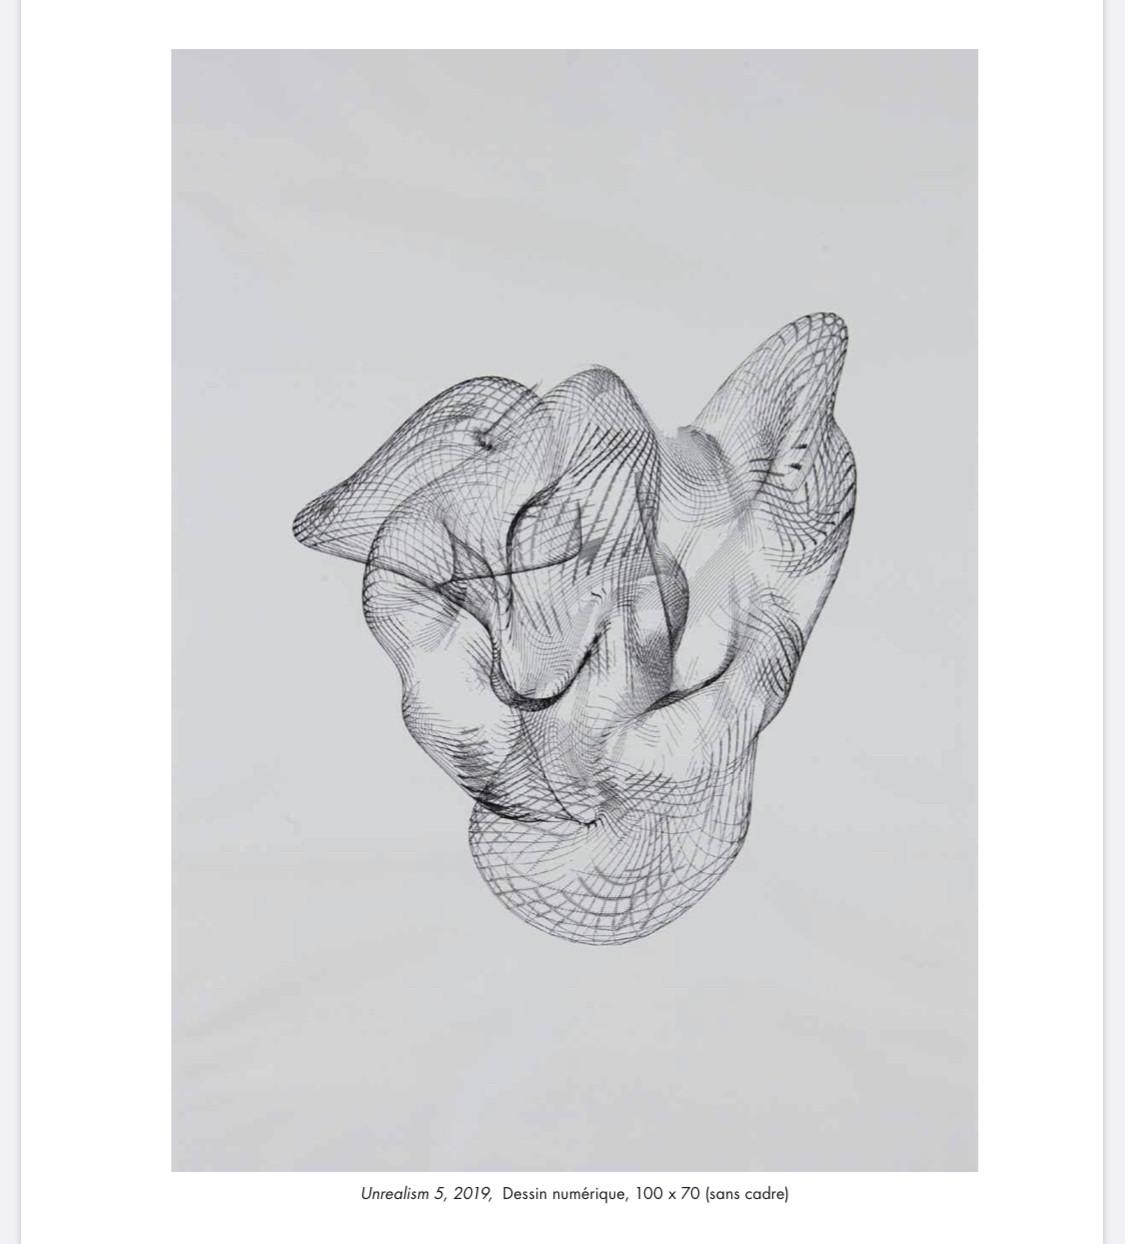 «Unrealism 5», 2019, dessin numérique. (Photo: Pit Molling)